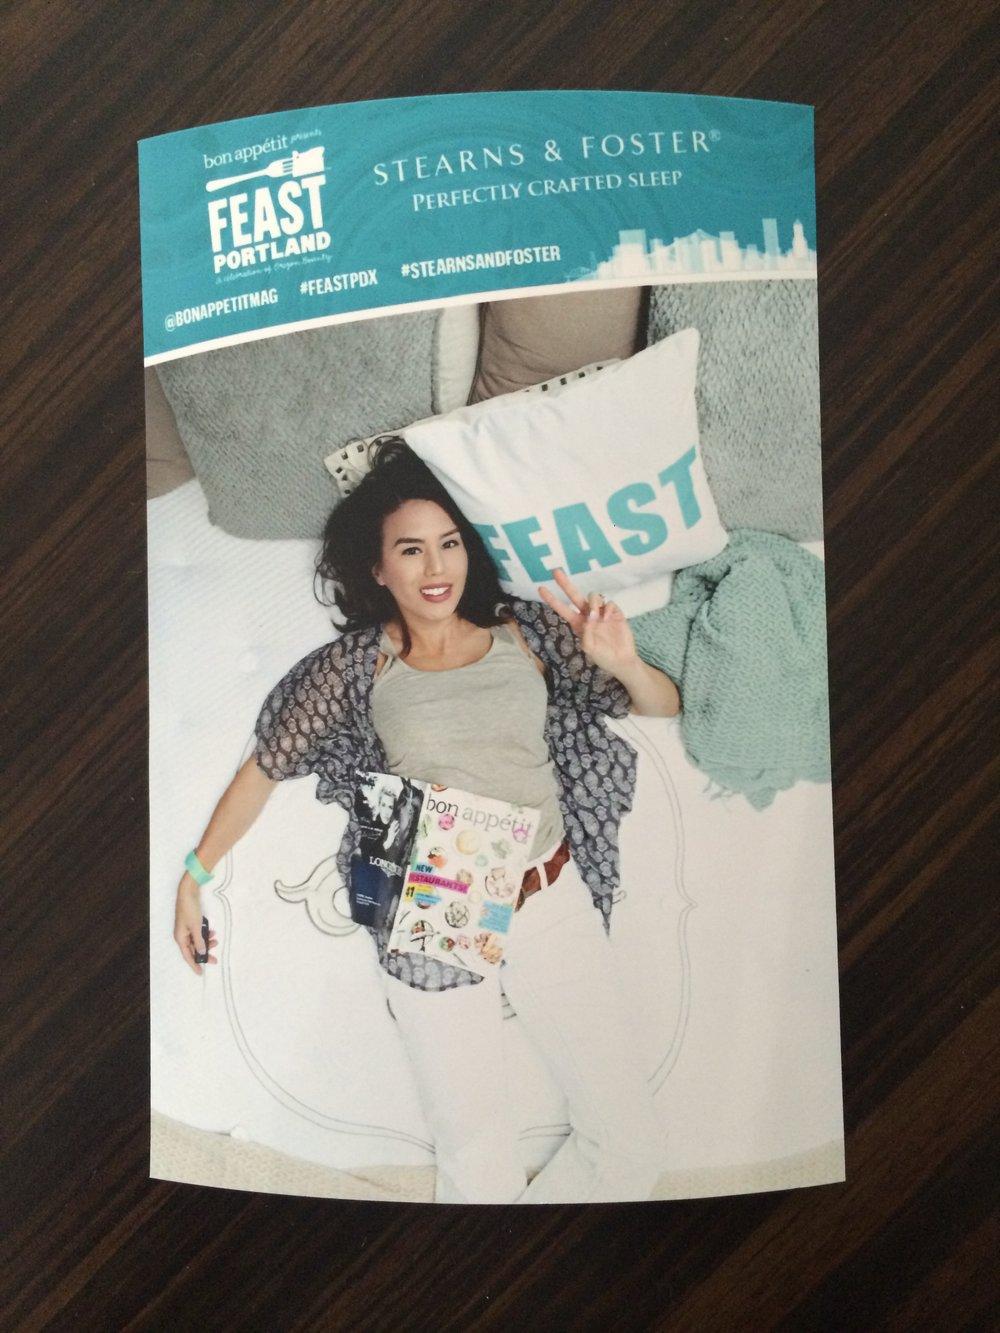 FEAST GRAND TASTING 2015